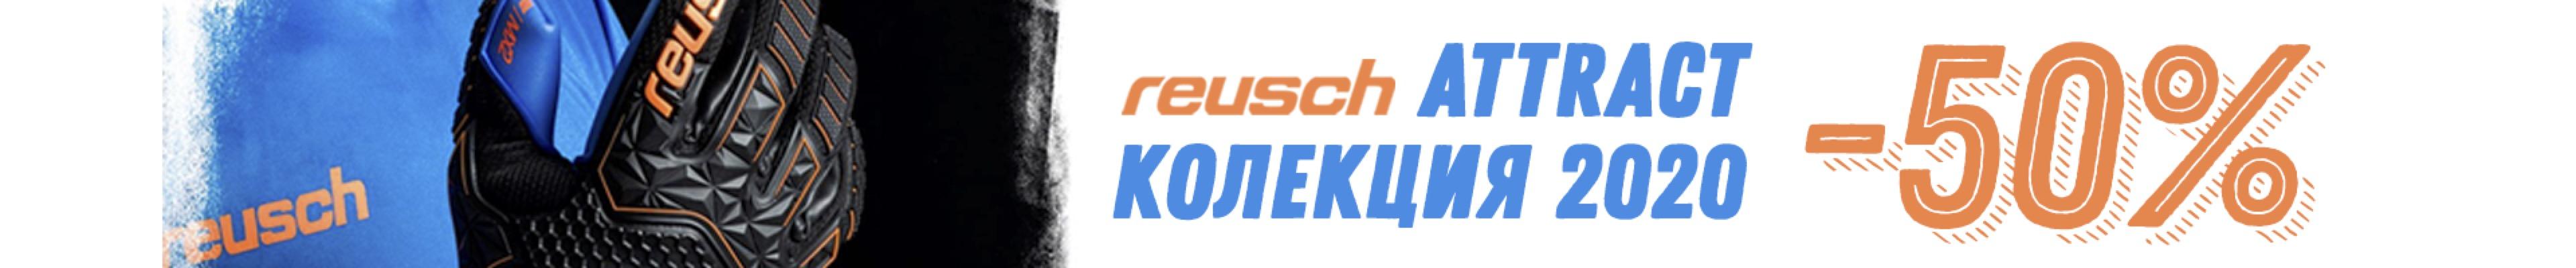 reuschfootballpromo2020